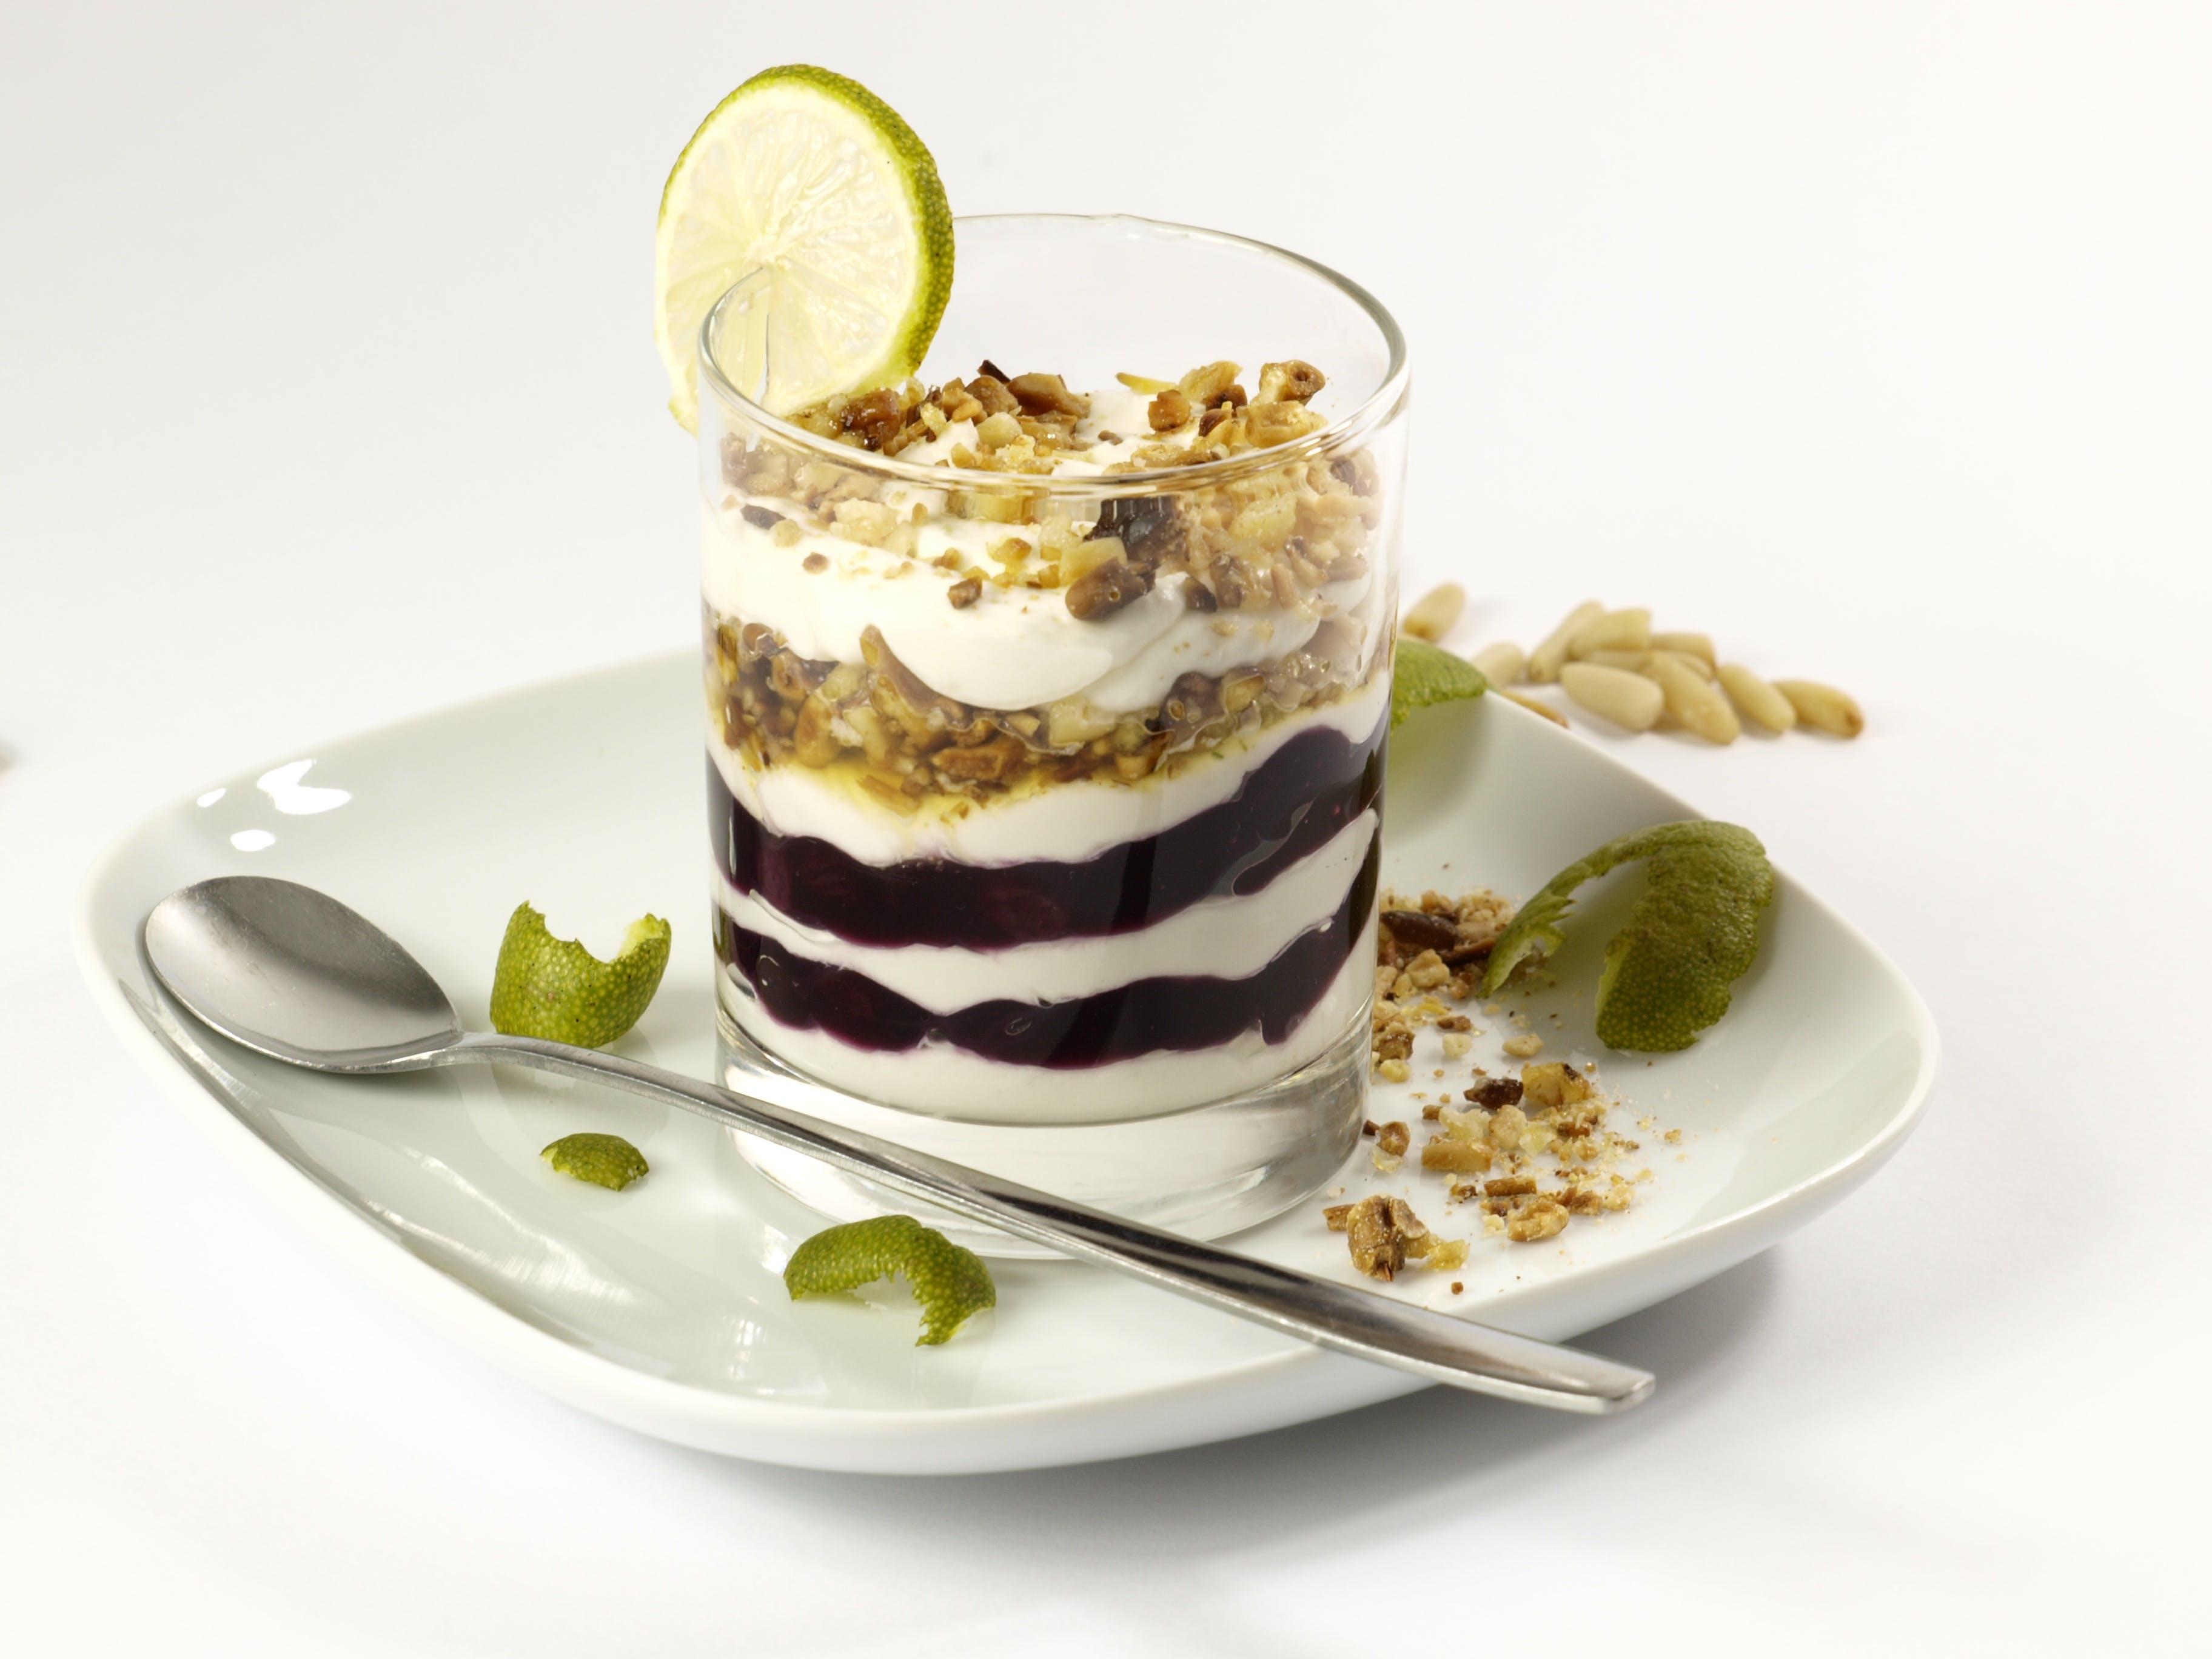 Darmowe zdjęcie z galerii z jedzenie, szklanka, słodycze, talerz